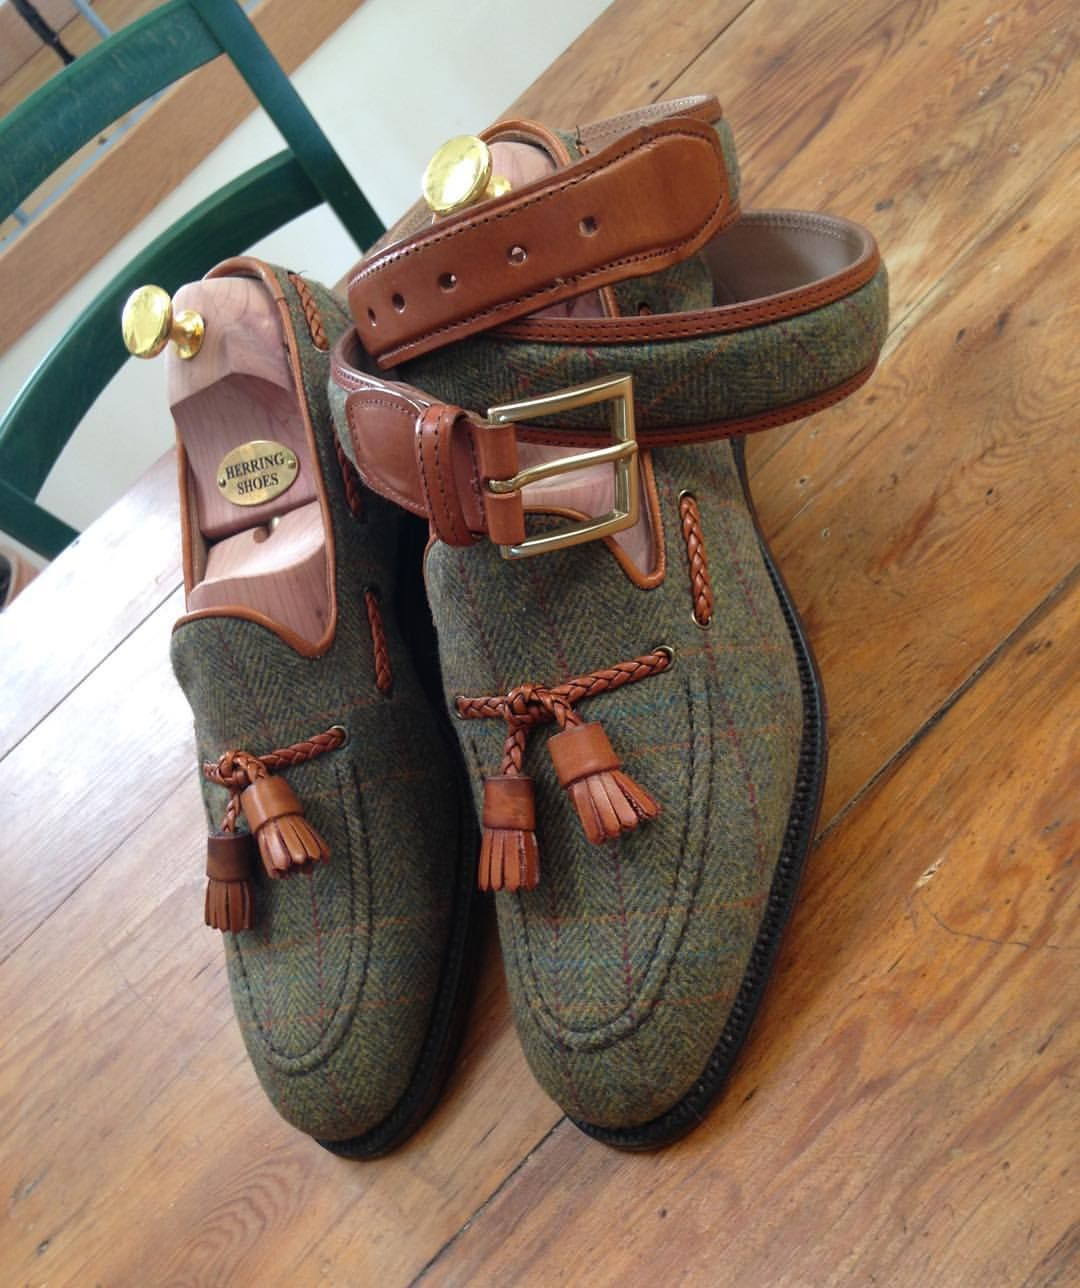 94682ddbd83 Herring Exford tweed tasselled loafers in Tweed and Chestnut